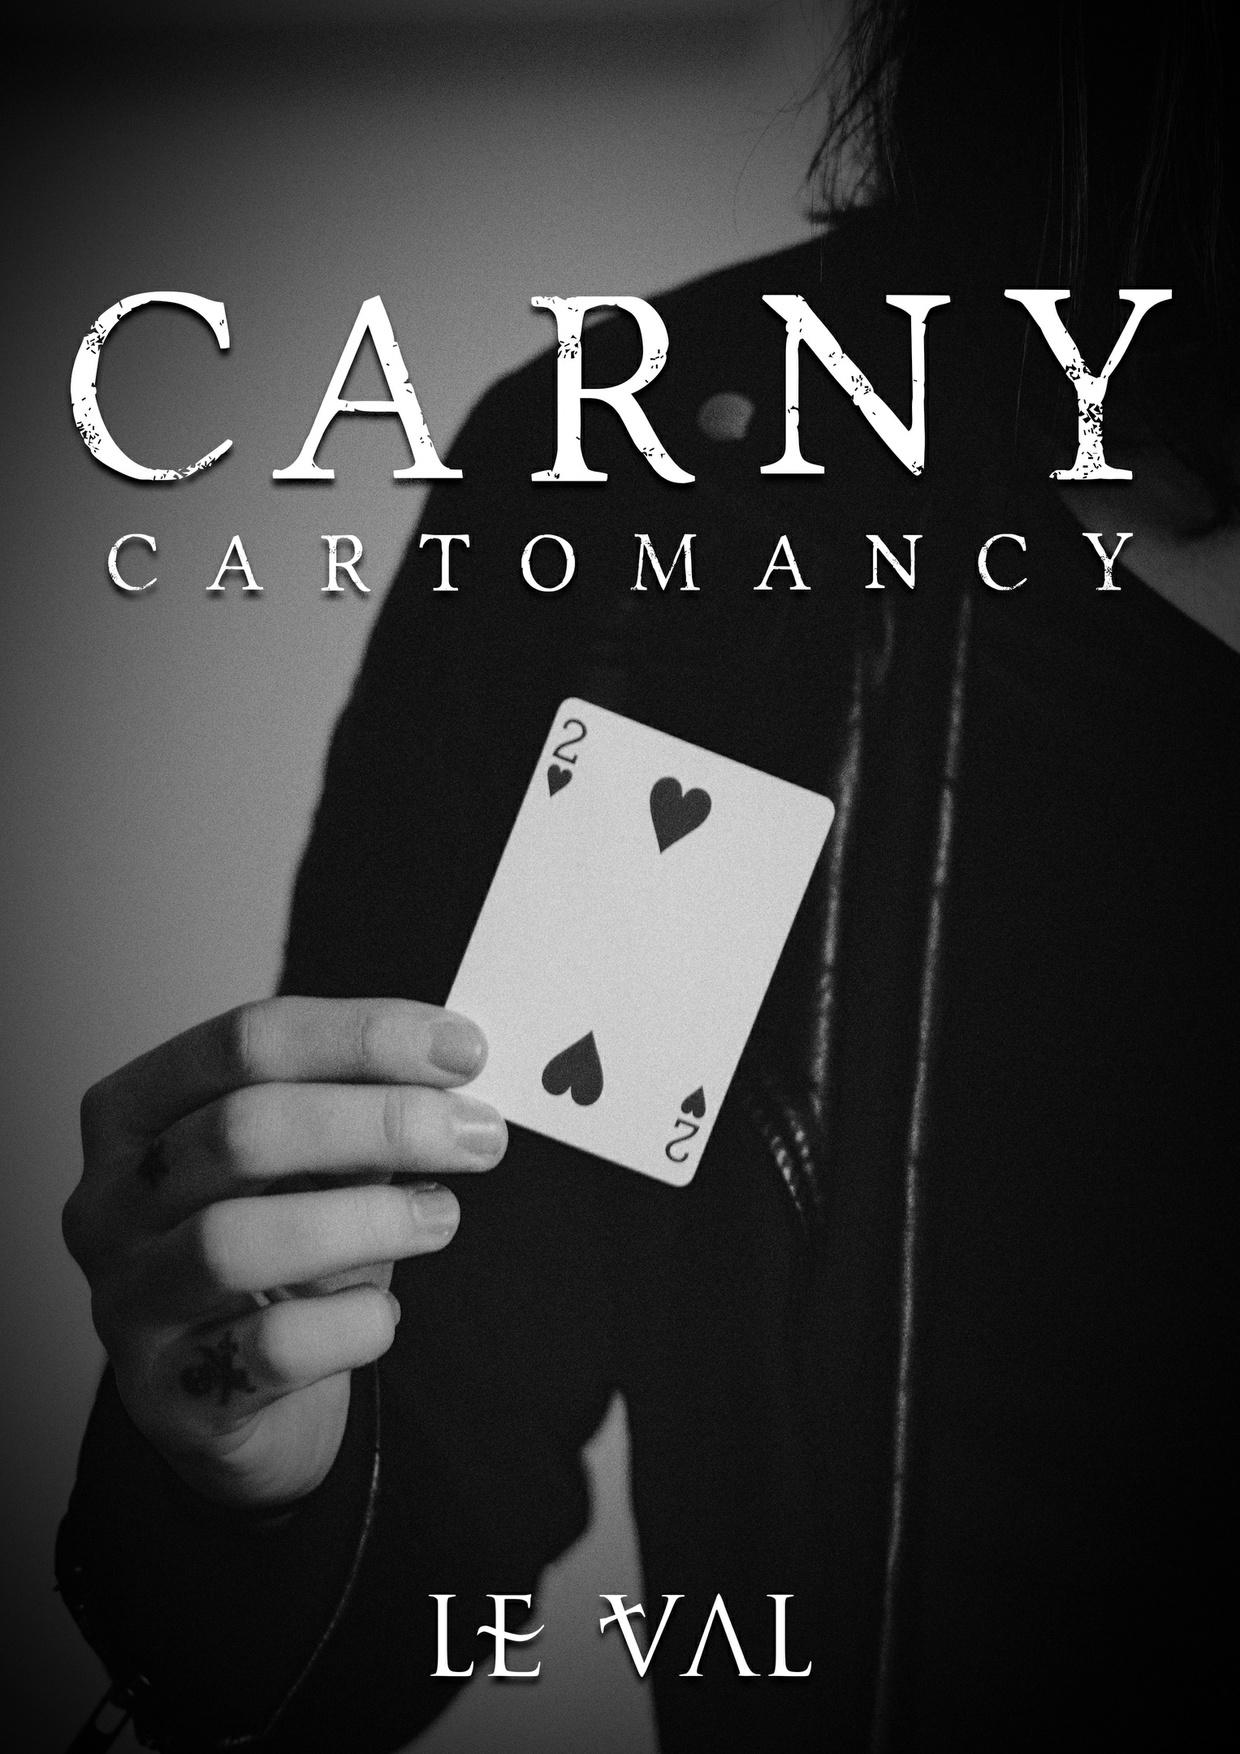 Carny Cartomancy